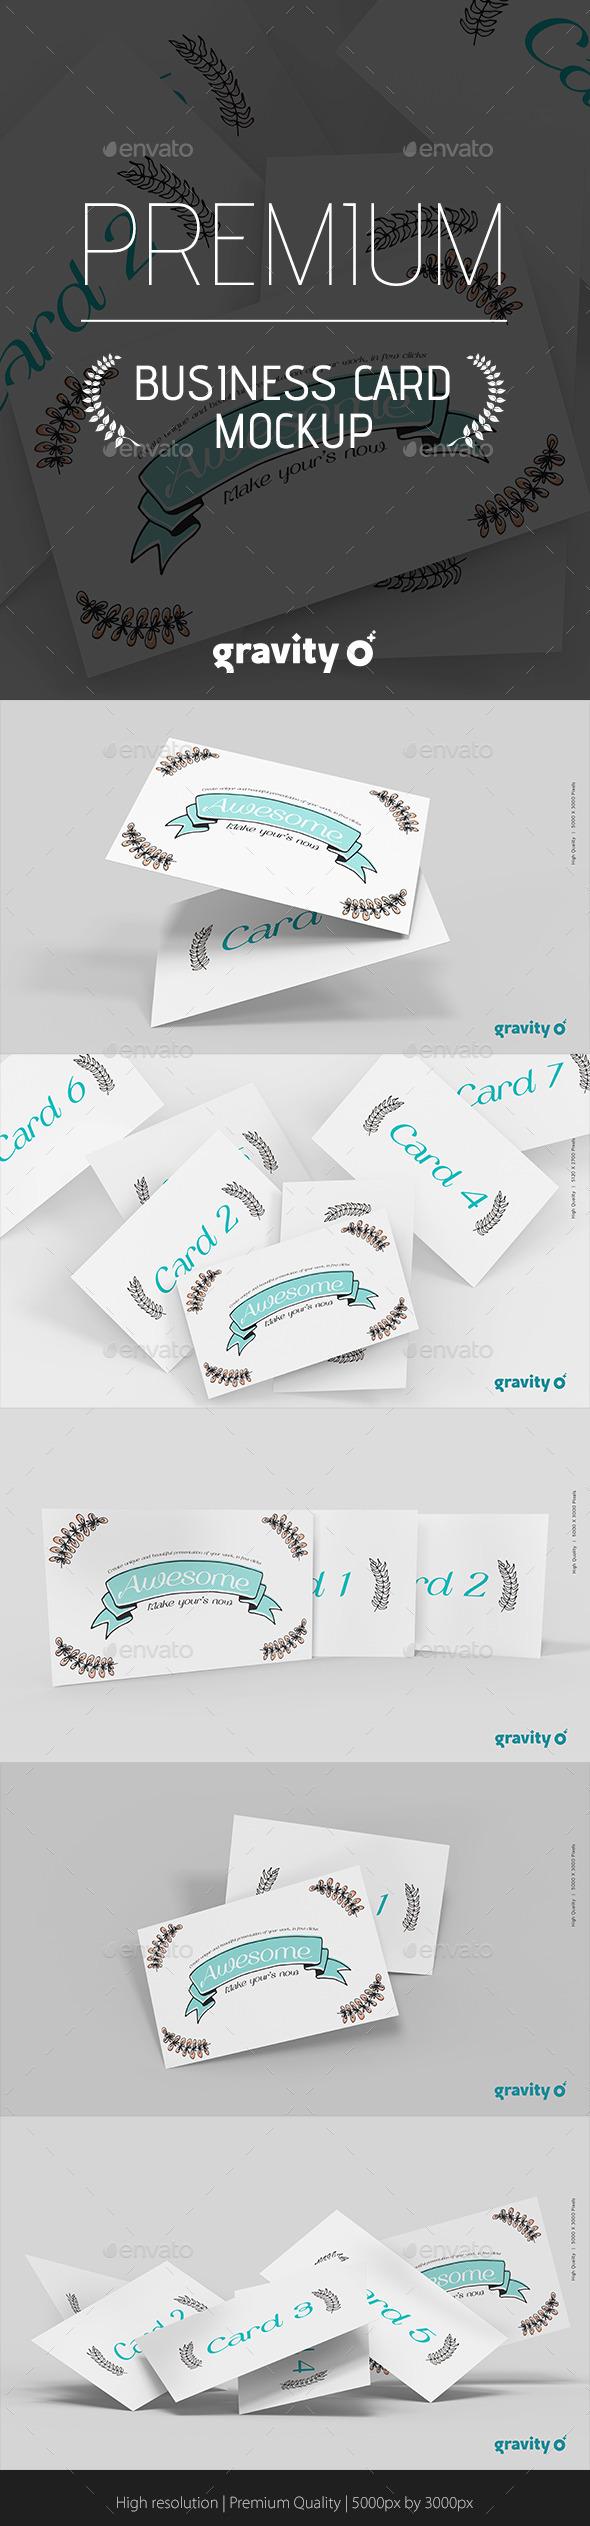 GraphicRiver Business Card Mockup Gravity Zero 10040476